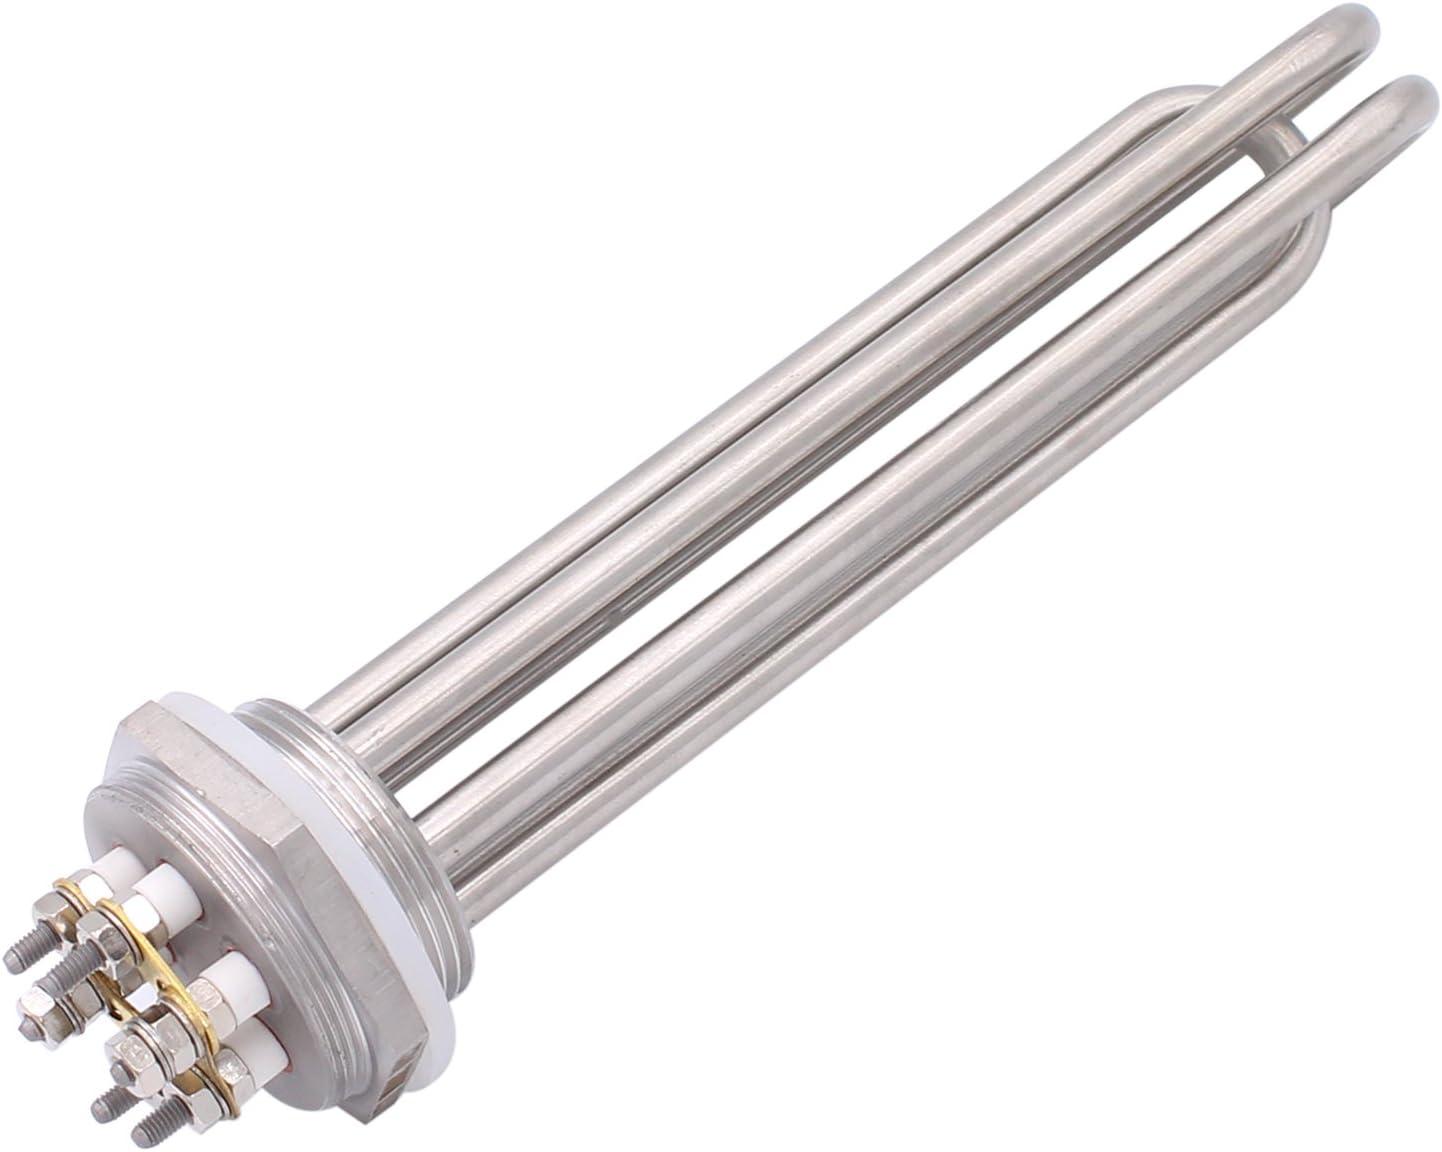 380V 12000W /Él/ément chauffant pour R/éservoirs /à Eau Acier Inoxydable AIICOO R/ésistance Chauffante 1.5 inch Flange Capuchon et Bague D/étanch/éit/é sont pr/évus Thermoplongeur